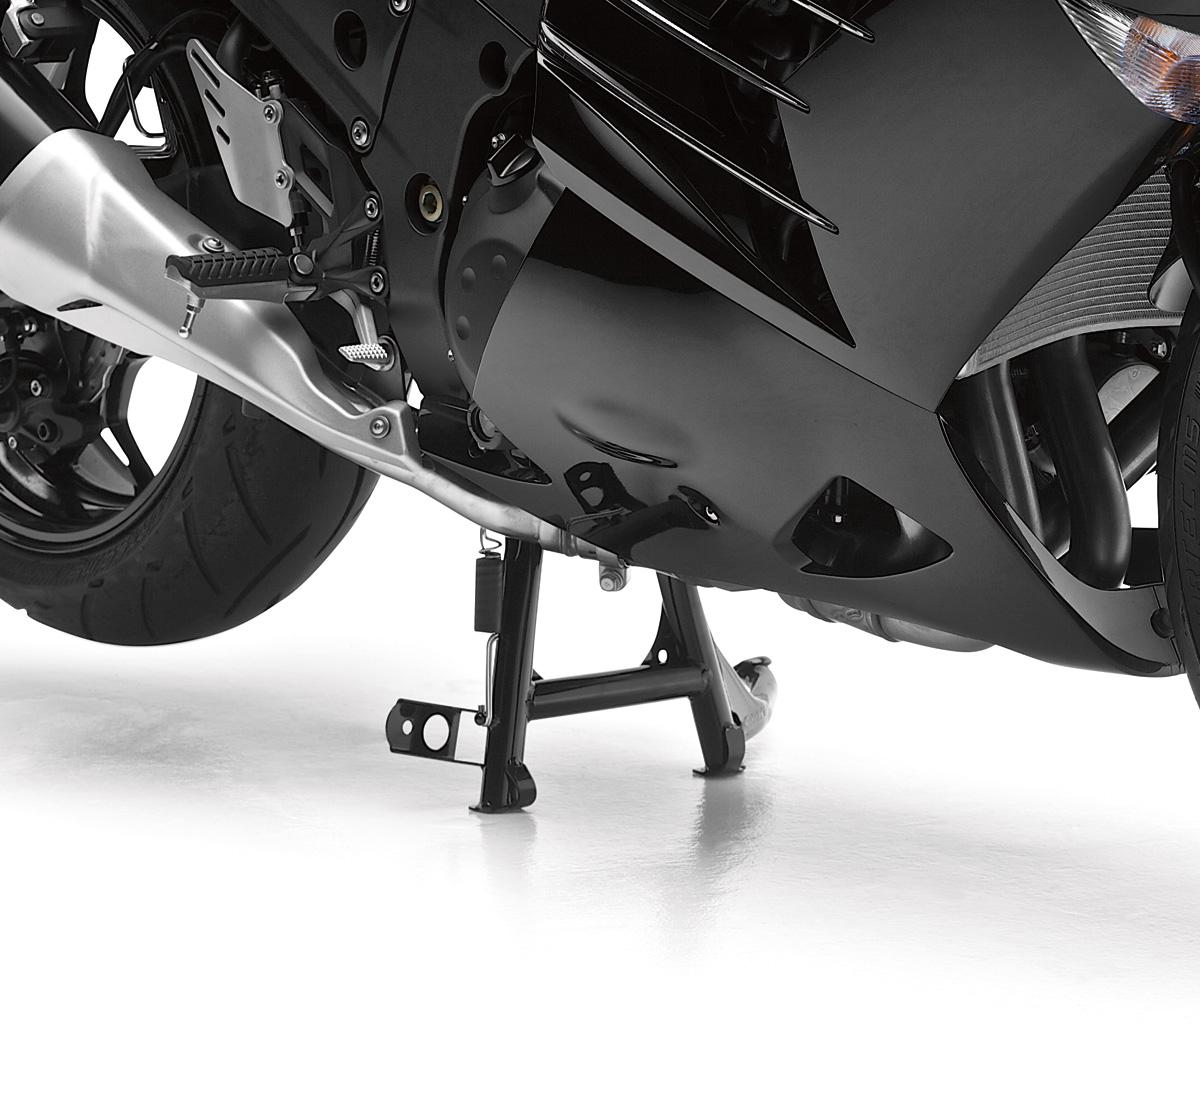 2018 NINJA® ZX™-14R ABS SE NINJA® Motorcycle by Kawasaki